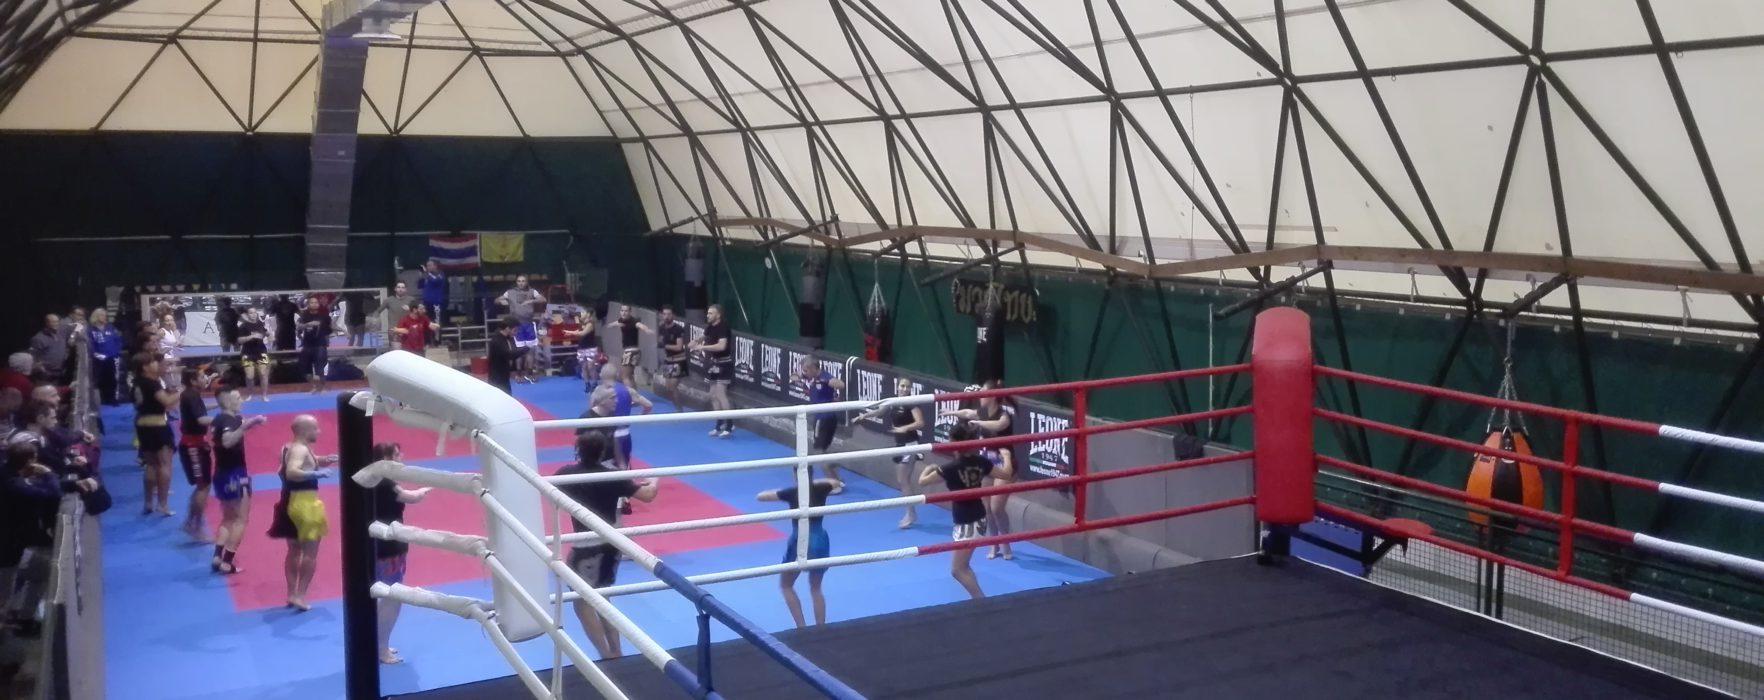 Il Palakombat di Arese: un tempo dedicato a Muay Thai e Kick Boxing alle porte di Milano